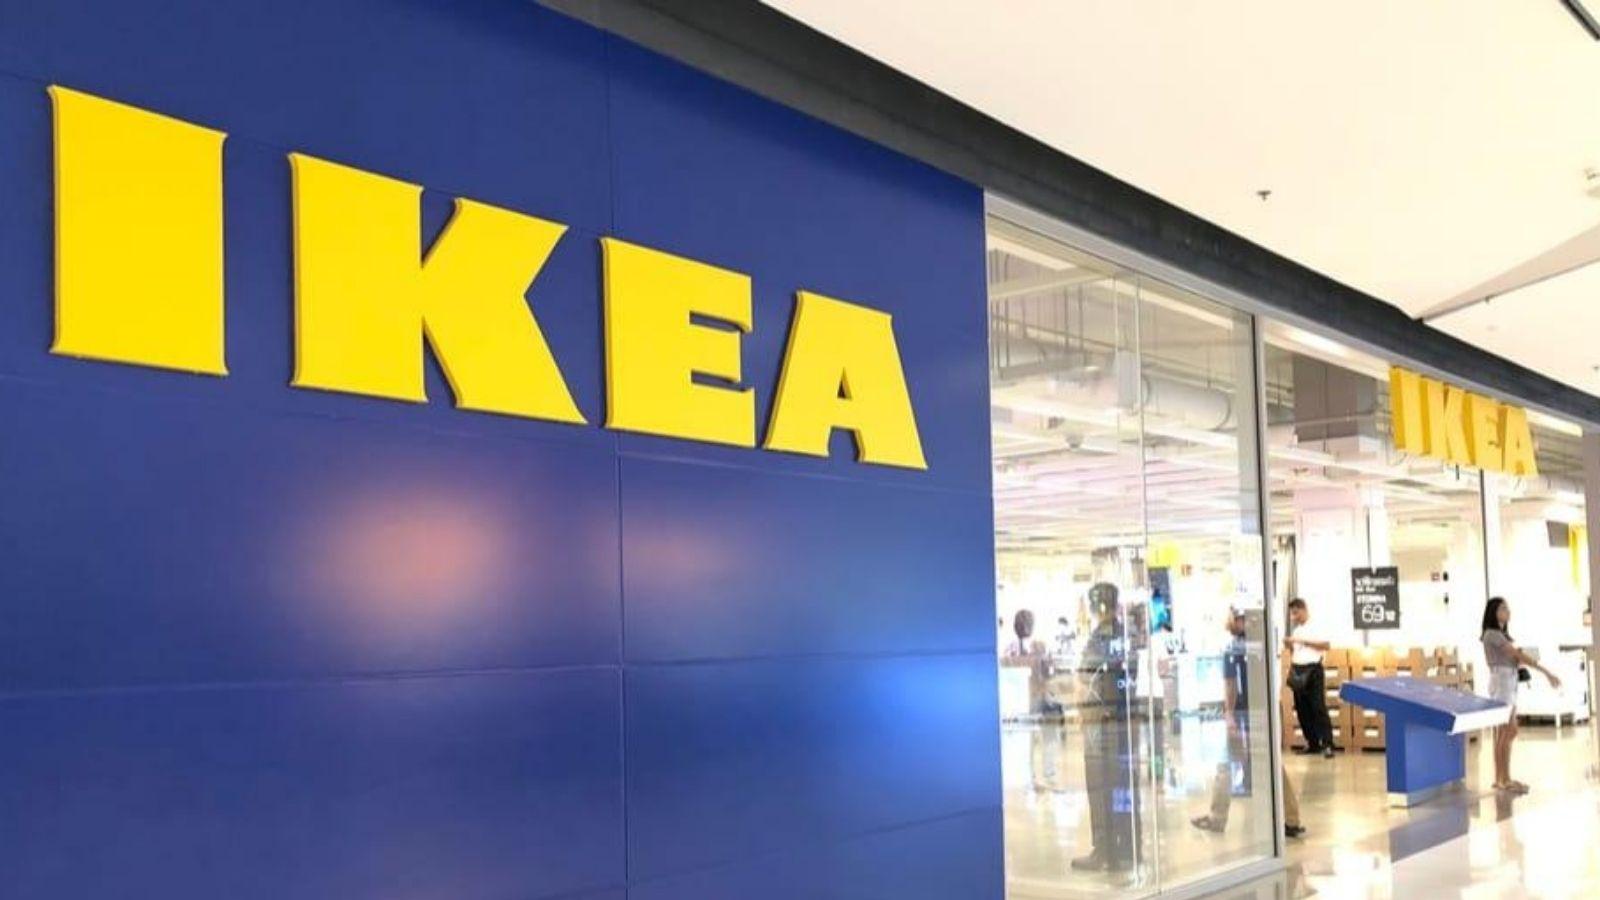 Zobacz najlepsze przykłady RTM IKEA! Social media mediarun com ikea